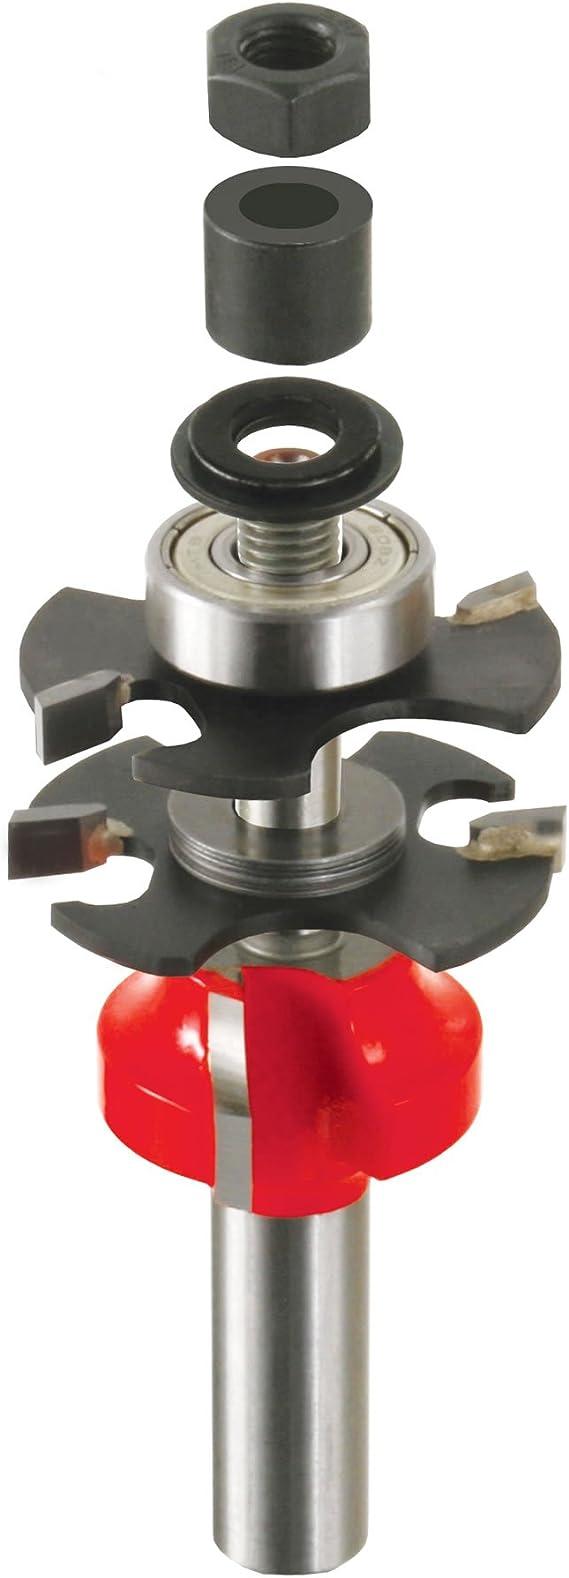 Premier Adjustable Rail /& Stile Bit with 1//2 Shank 99-764 Freud 1-11//16 Bevel Dia.